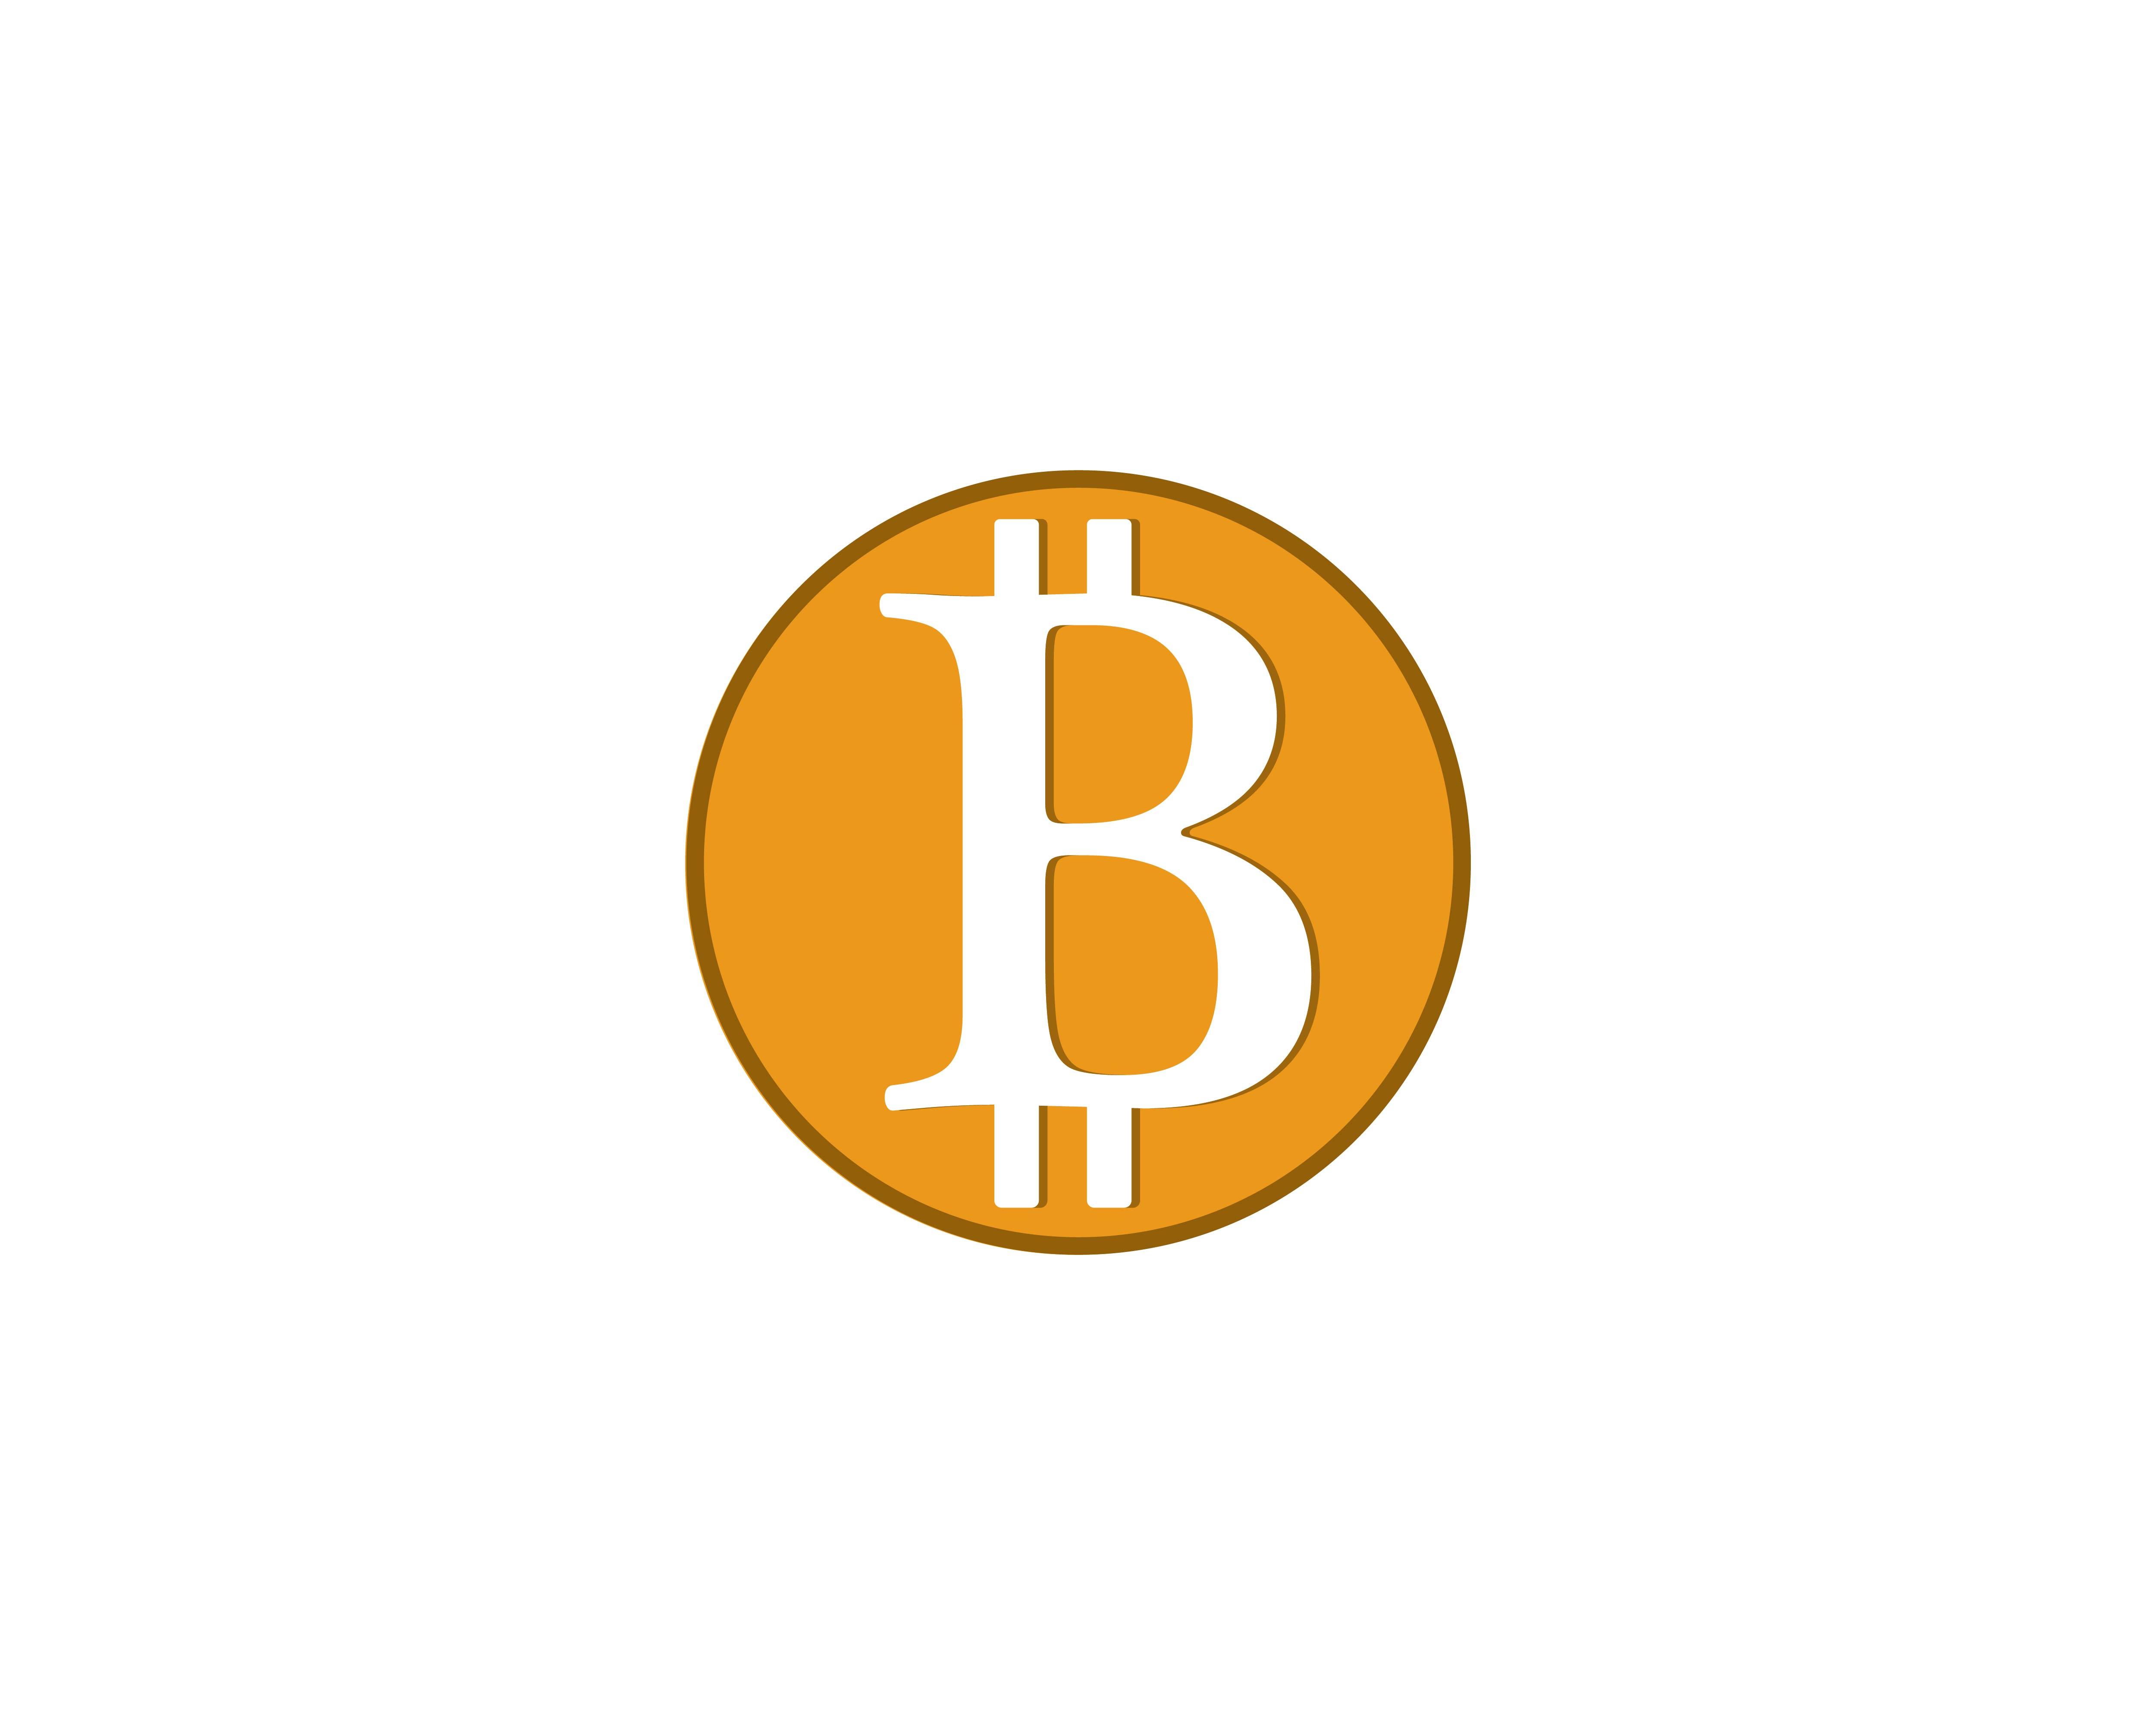 logotipas bitcoin peter smith bitcoin